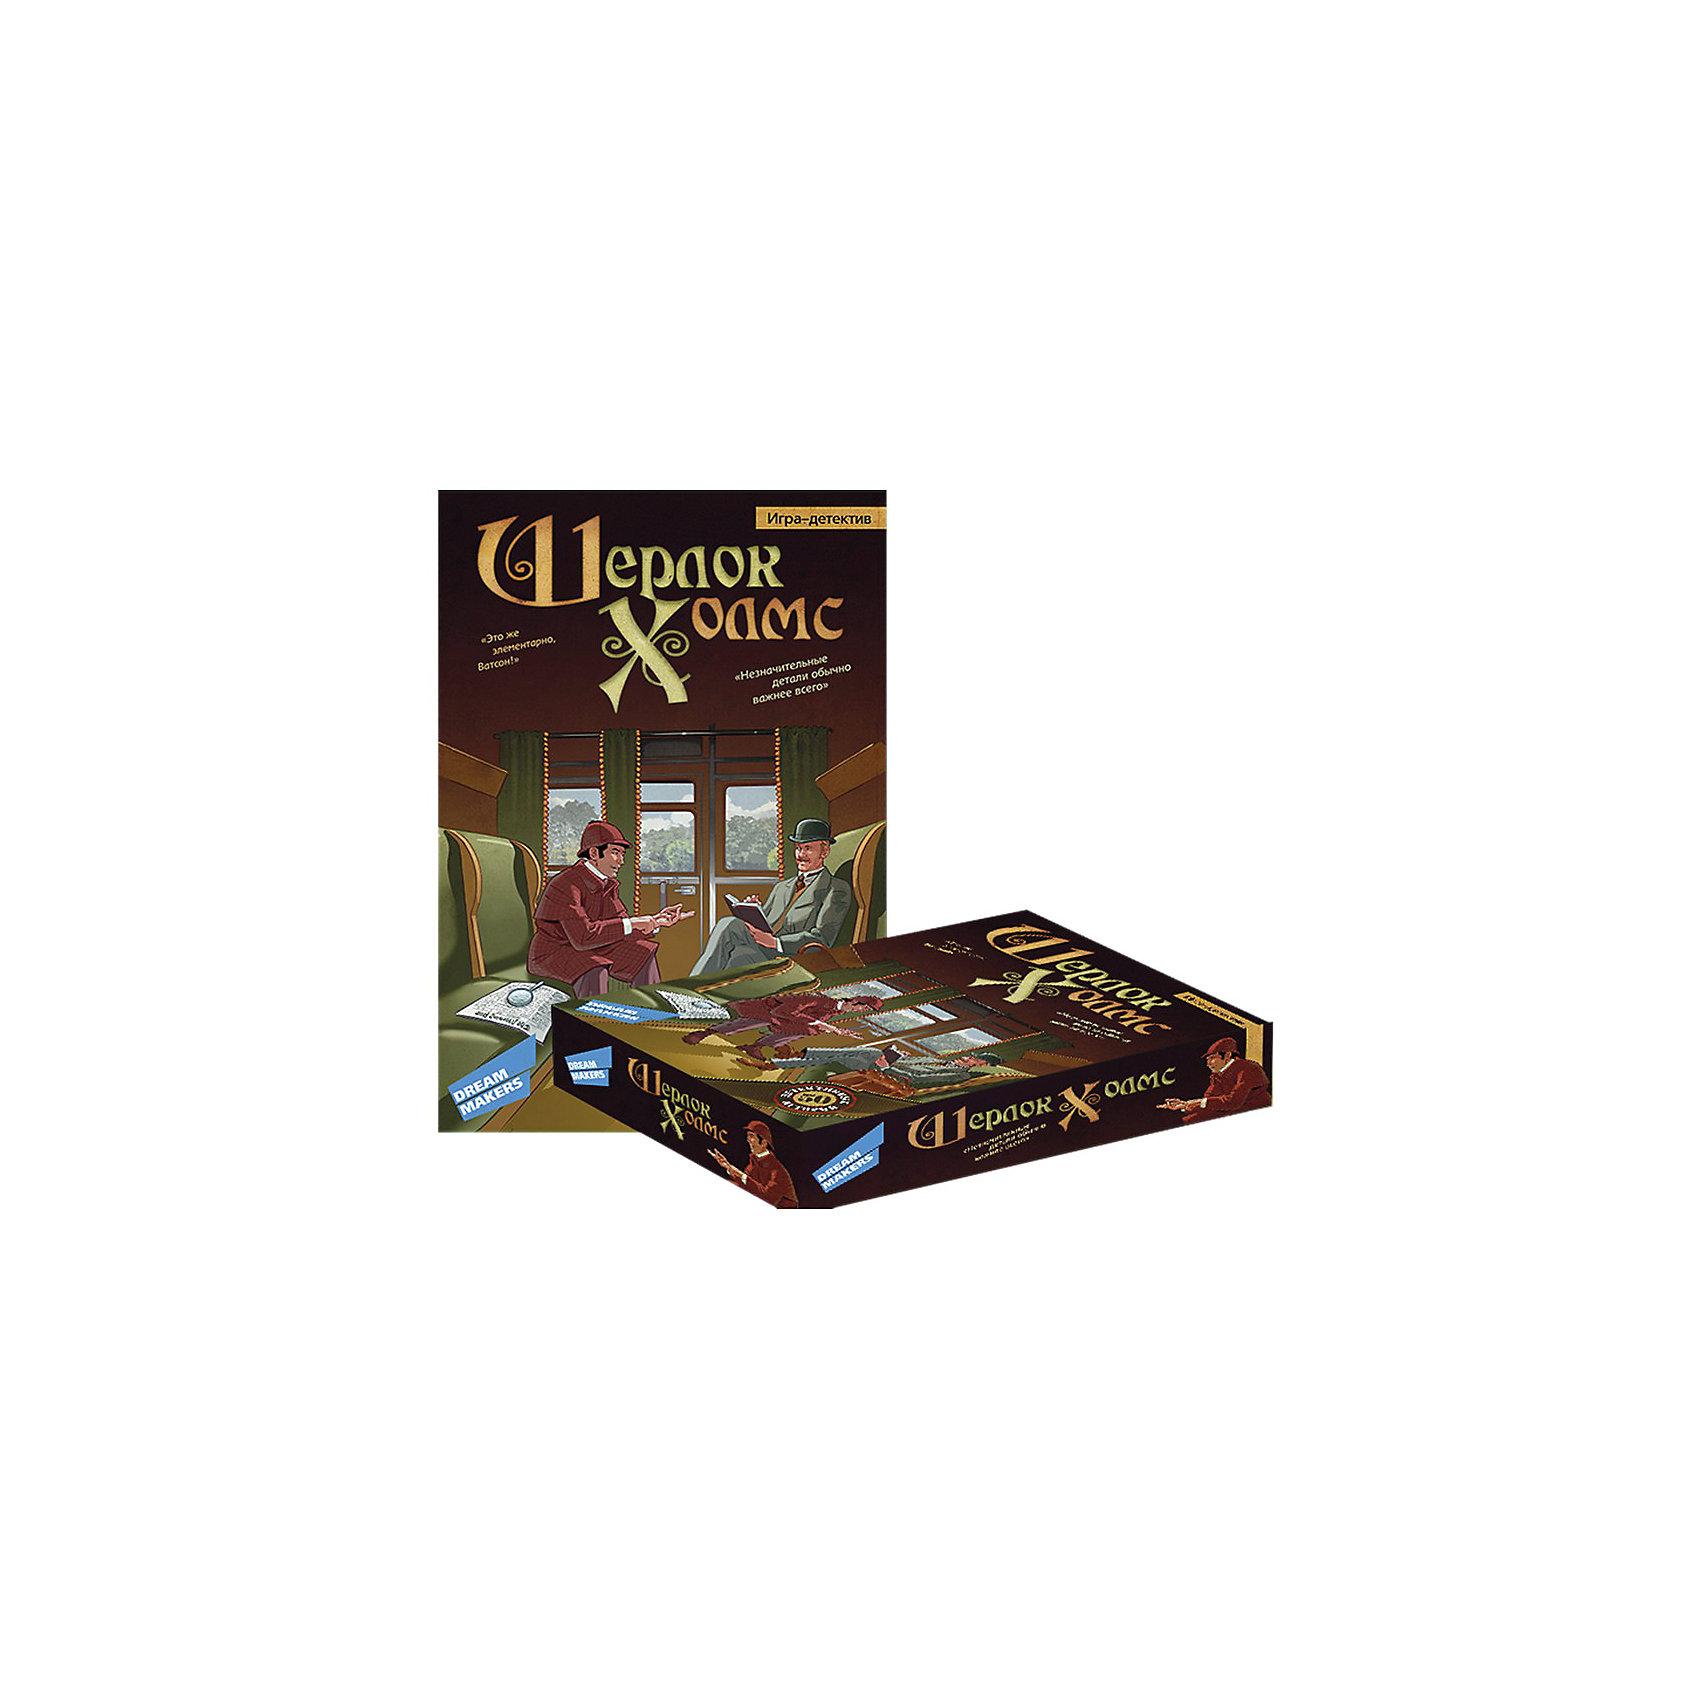 Настольная игра Шерлок Холмс Dream makersНастольные игры для всей семьи<br>«Шерлок Холмс» - это игра-детектив, в которой игрокам предстоит участвовать в раскрытии самых интересных дел из детективной практики Шерлока Холмса. Один из игроков назначается Ведущим, берёт любую карточку и зачитывает краткое описание дела. Задача остальных игроков – как можно точнее назвать причину произошедшего. Для этого необходимо задавать вопросы, на которые Ведущий отвечает только да, нет или неважно и никак иначе. Состав игры: карточки игровые 52 шт., игровые жетоны 32 шт., правила игры.<br><br>Ширина мм: 245<br>Глубина мм: 170<br>Высота мм: 50<br>Вес г: 370<br>Возраст от месяцев: 156<br>Возраст до месяцев: 2147483647<br>Пол: Унисекс<br>Возраст: Детский<br>SKU: 7040255